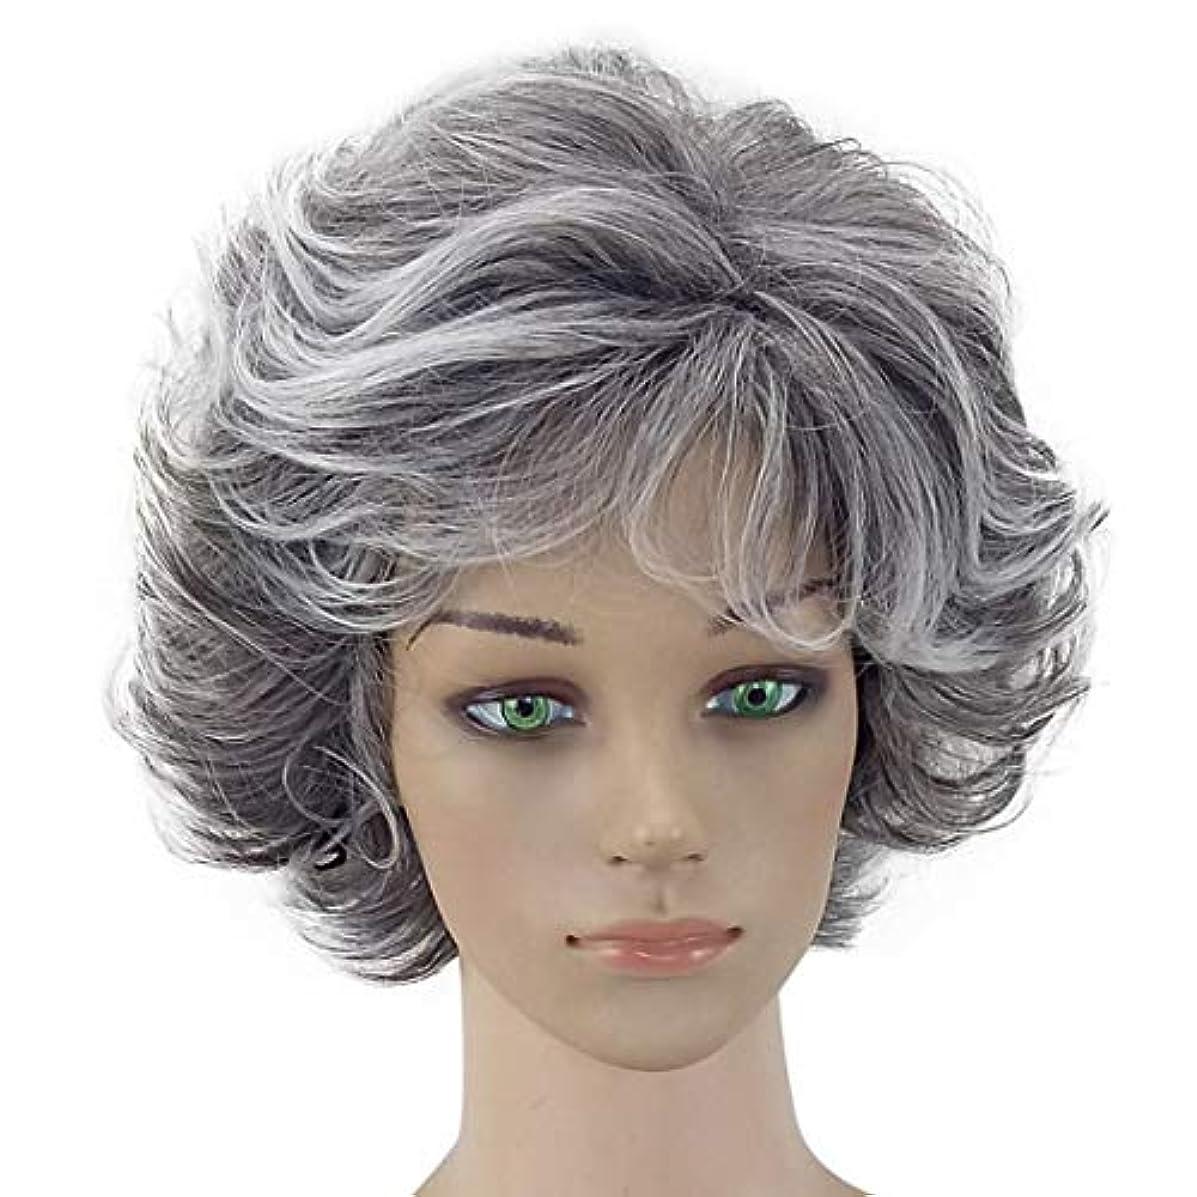 スティック美的レギュラーYOUQIU コスプレ衣装パーティーのためのおばあちゃんグレーアフリカショートアフロカーリーウィッグナチュラル波状のかつらは無料ウィッグキャップウィッグと一緒に来て (色 : Granny Grey, サイズ : ワンサイズ)